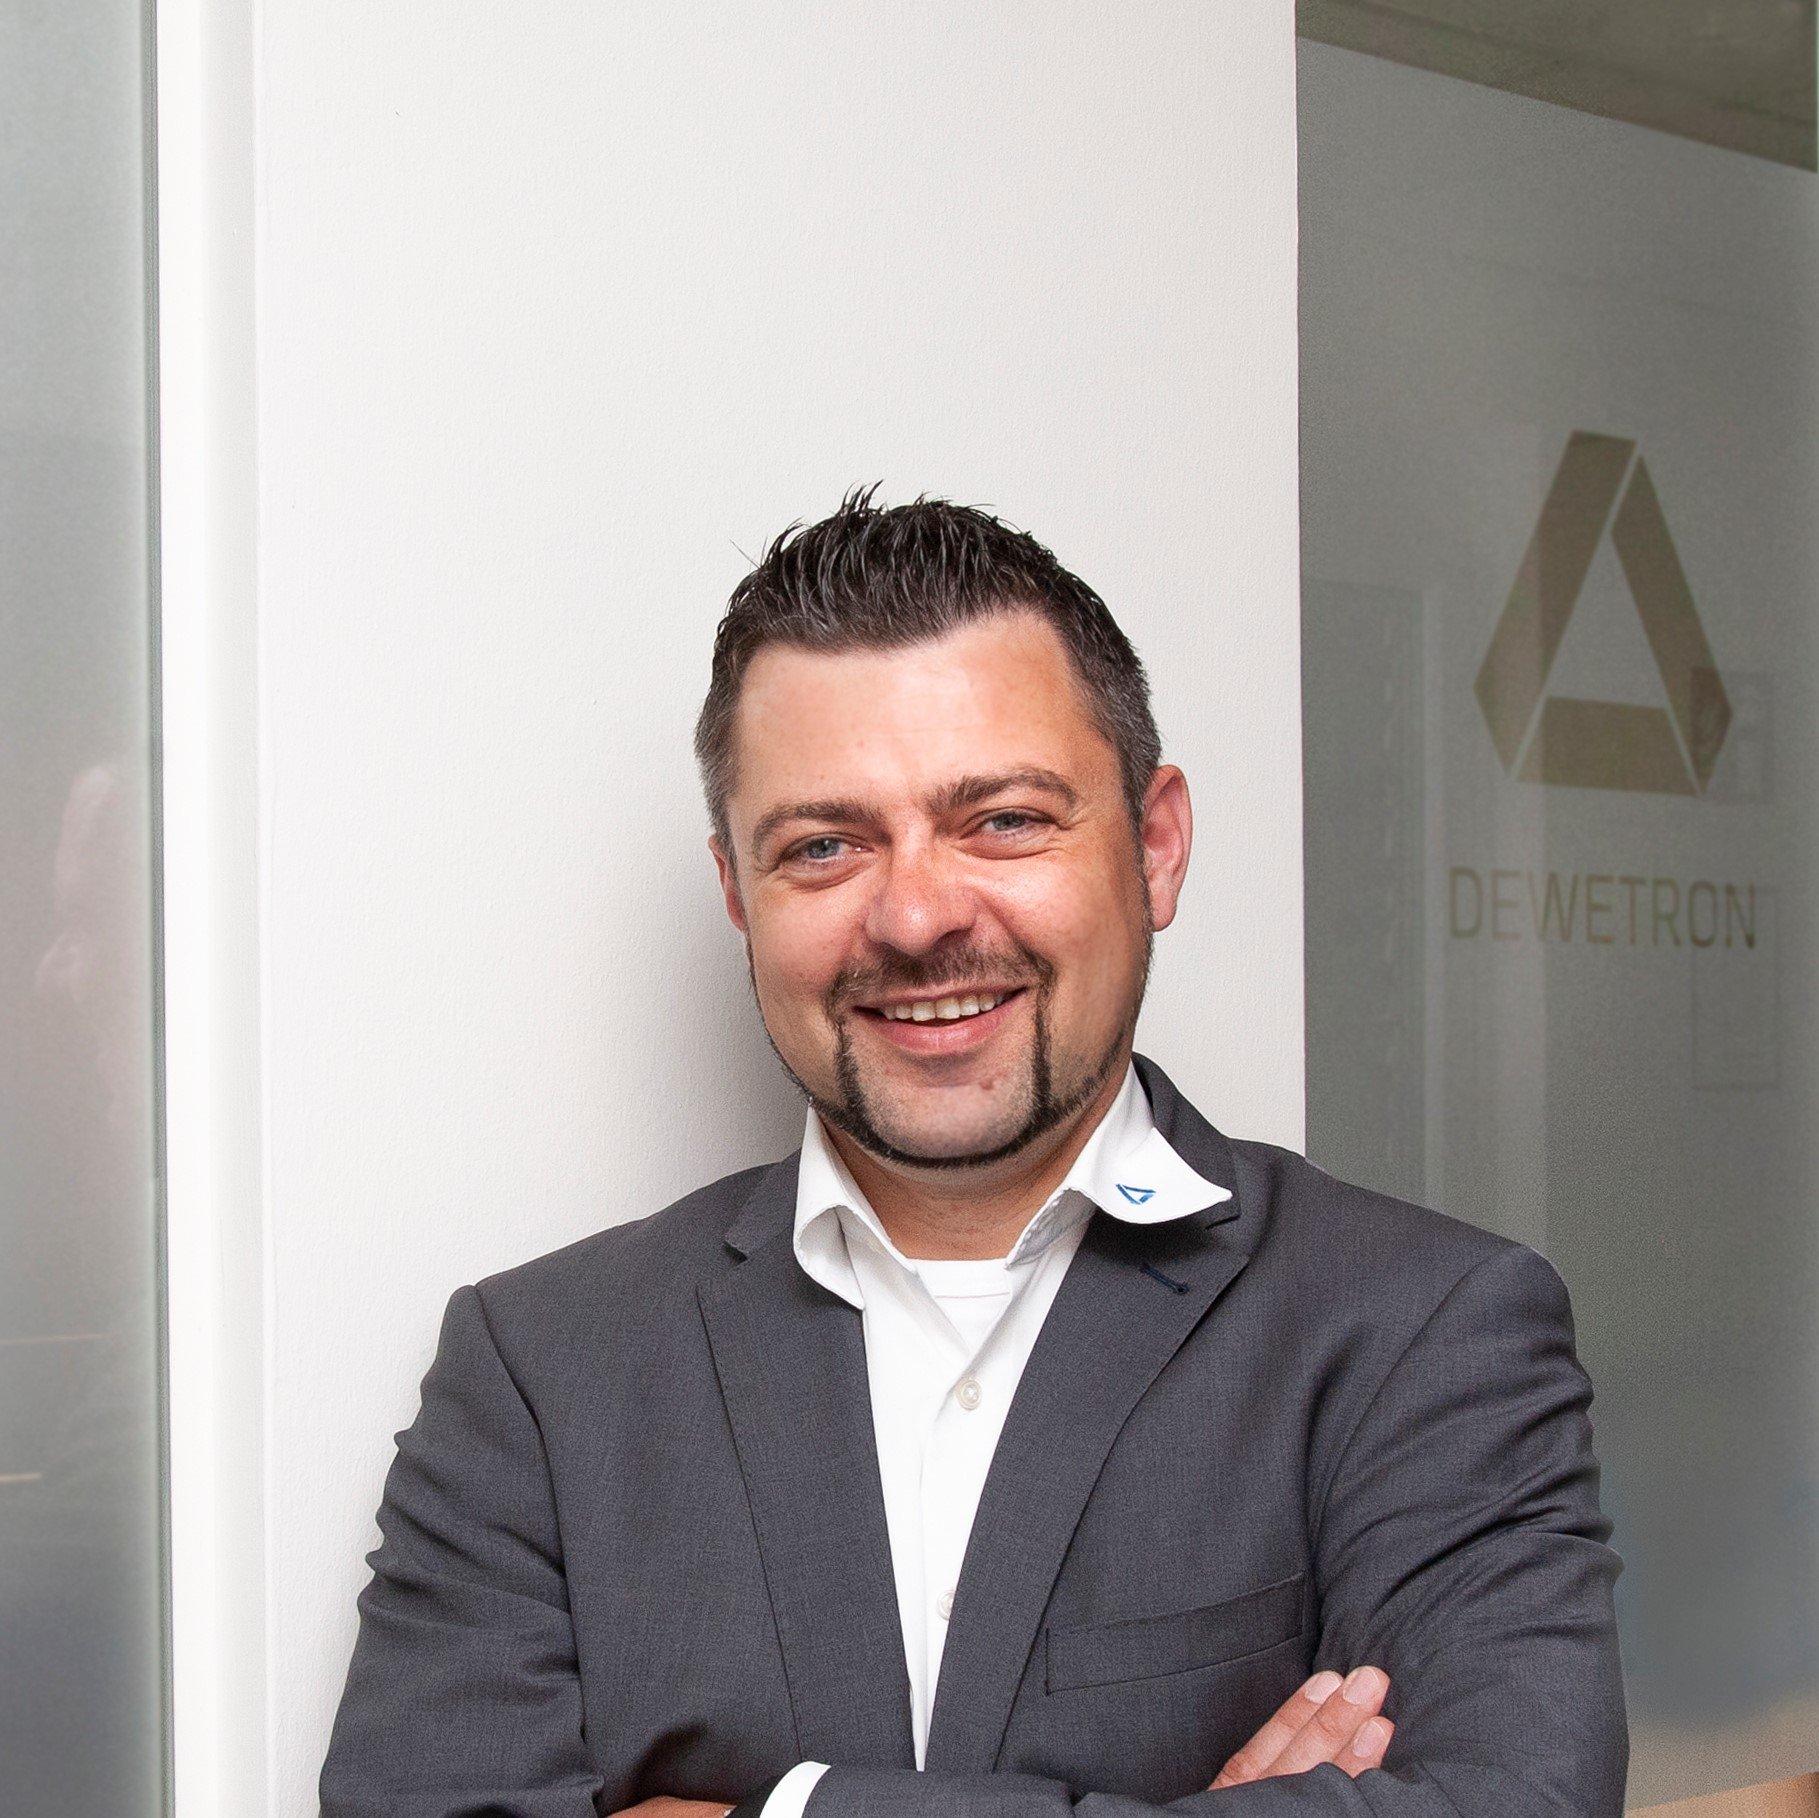 Sven Deckert - DEWETRON's Senior Sales Manager